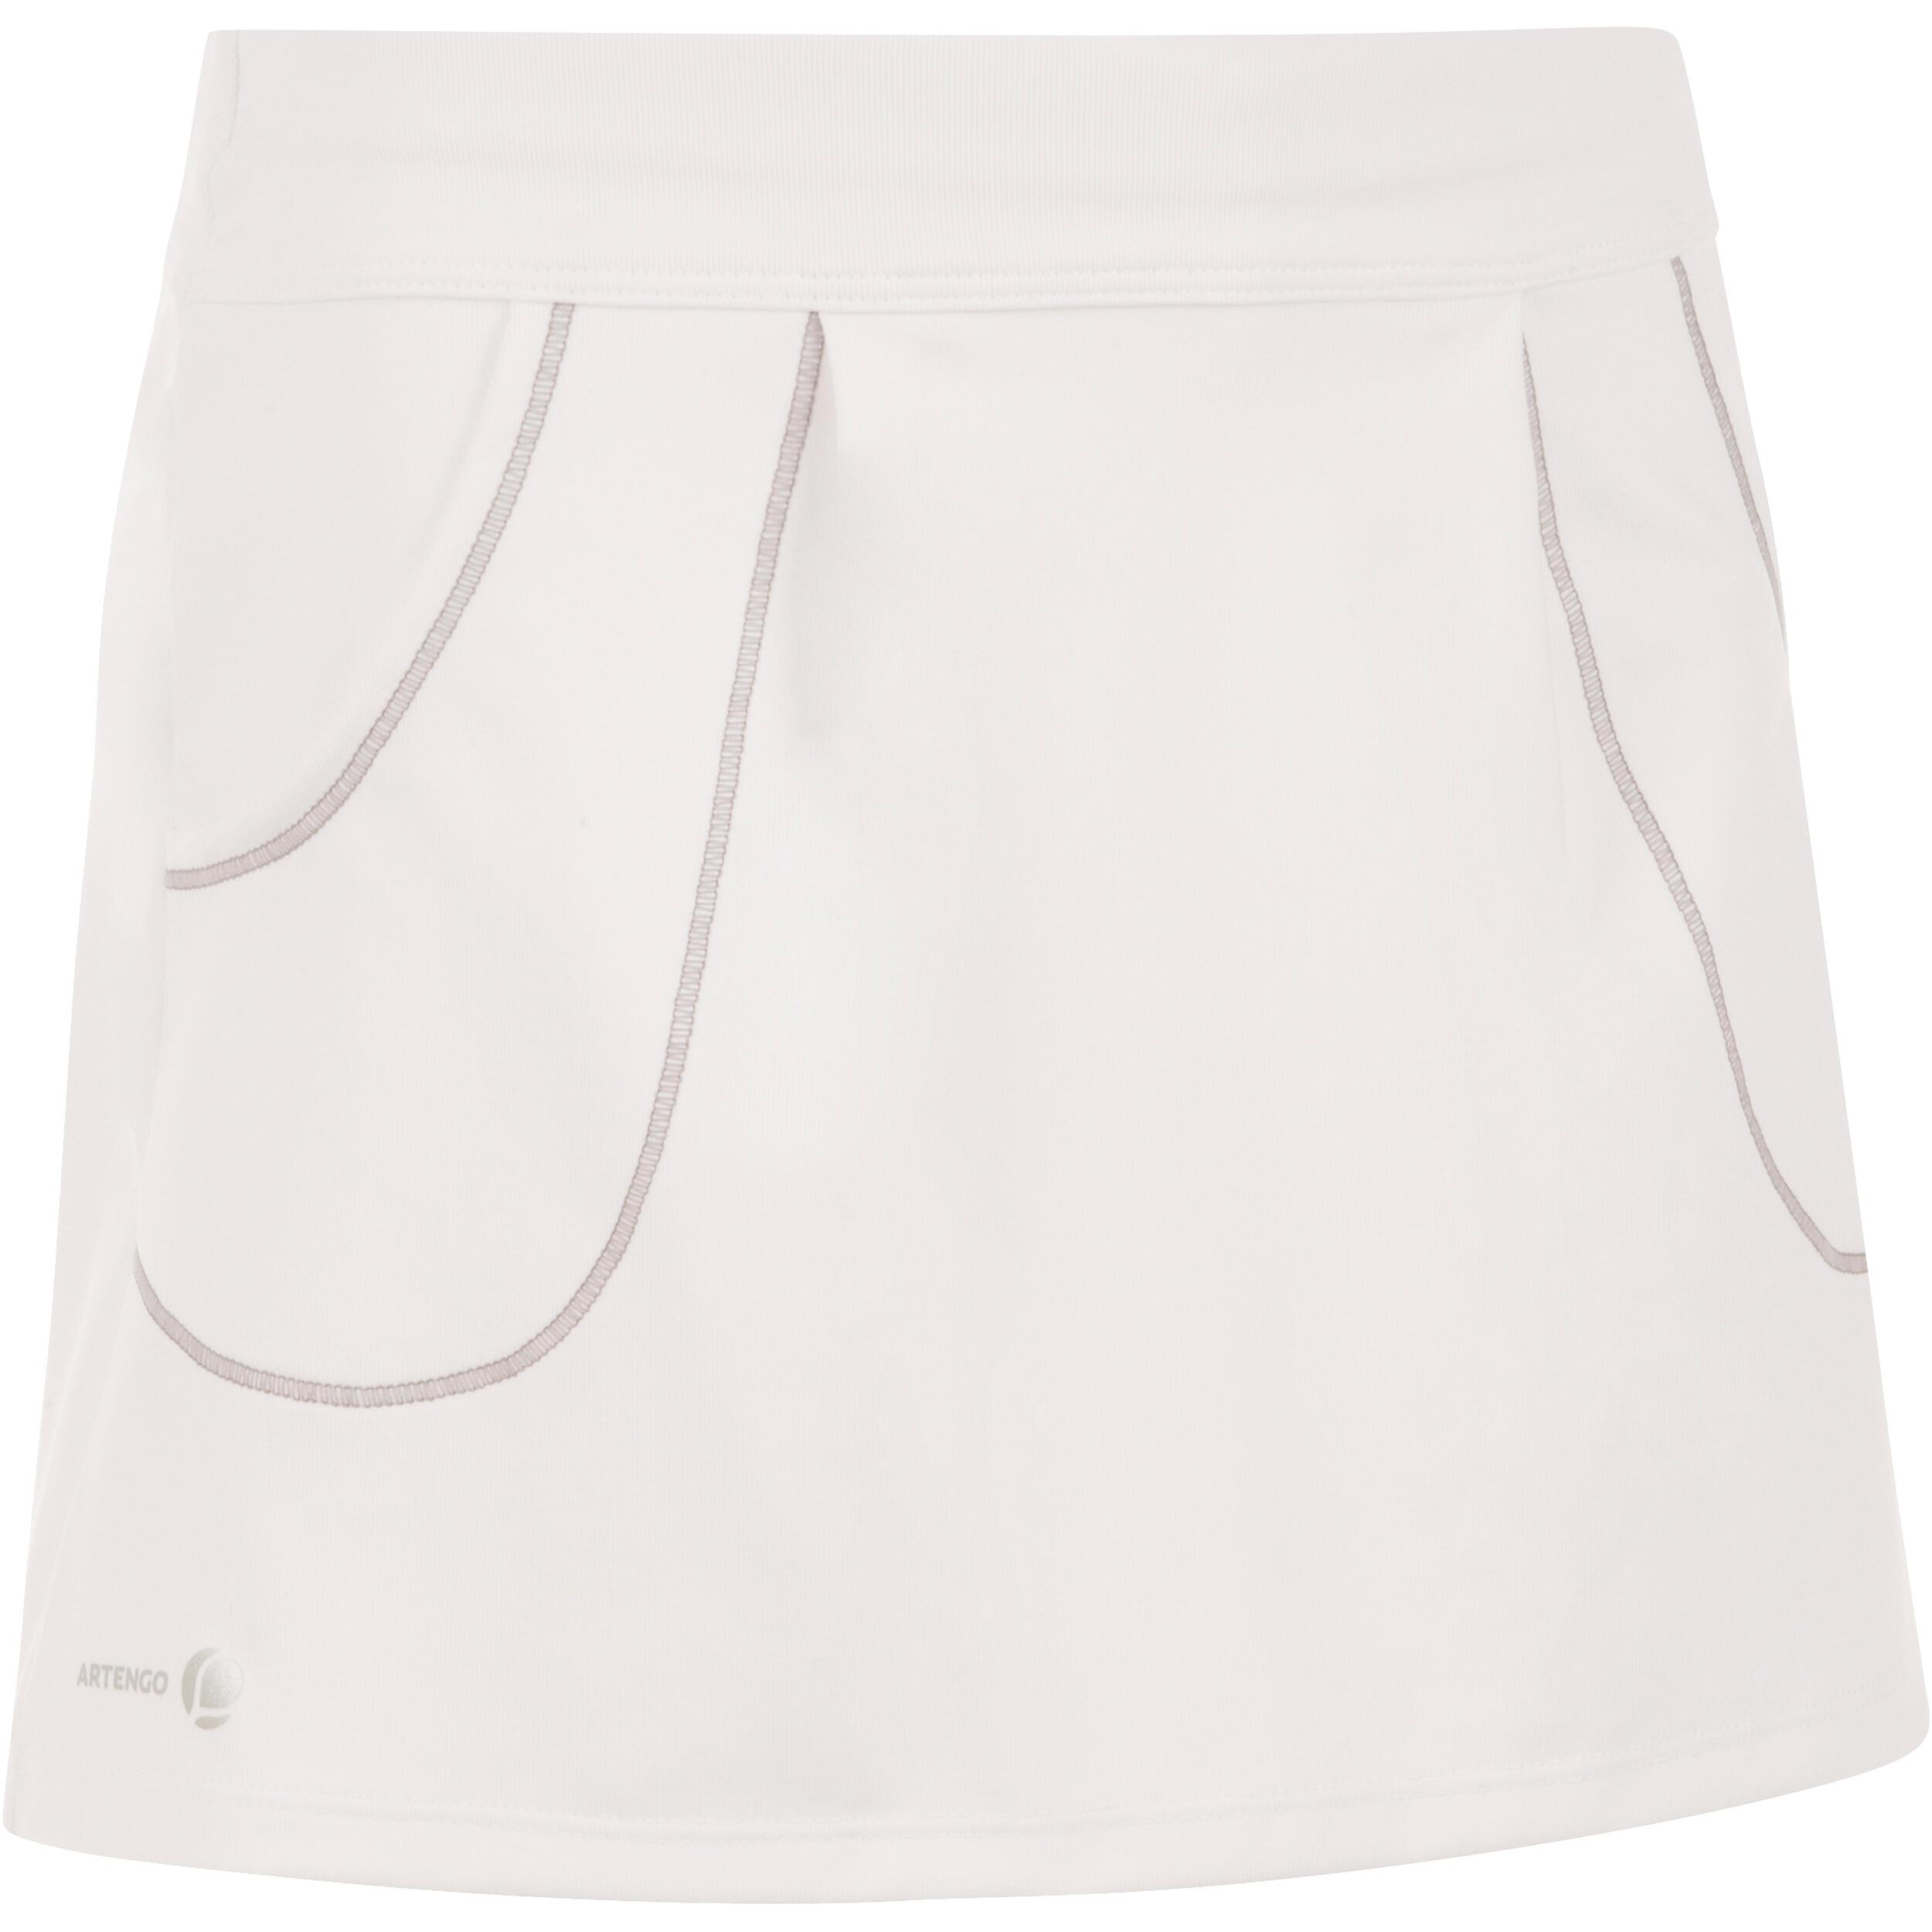 Rok Tenis, Badminton, Padel, Tenis Meja, Squash Pocket 100 - Putih